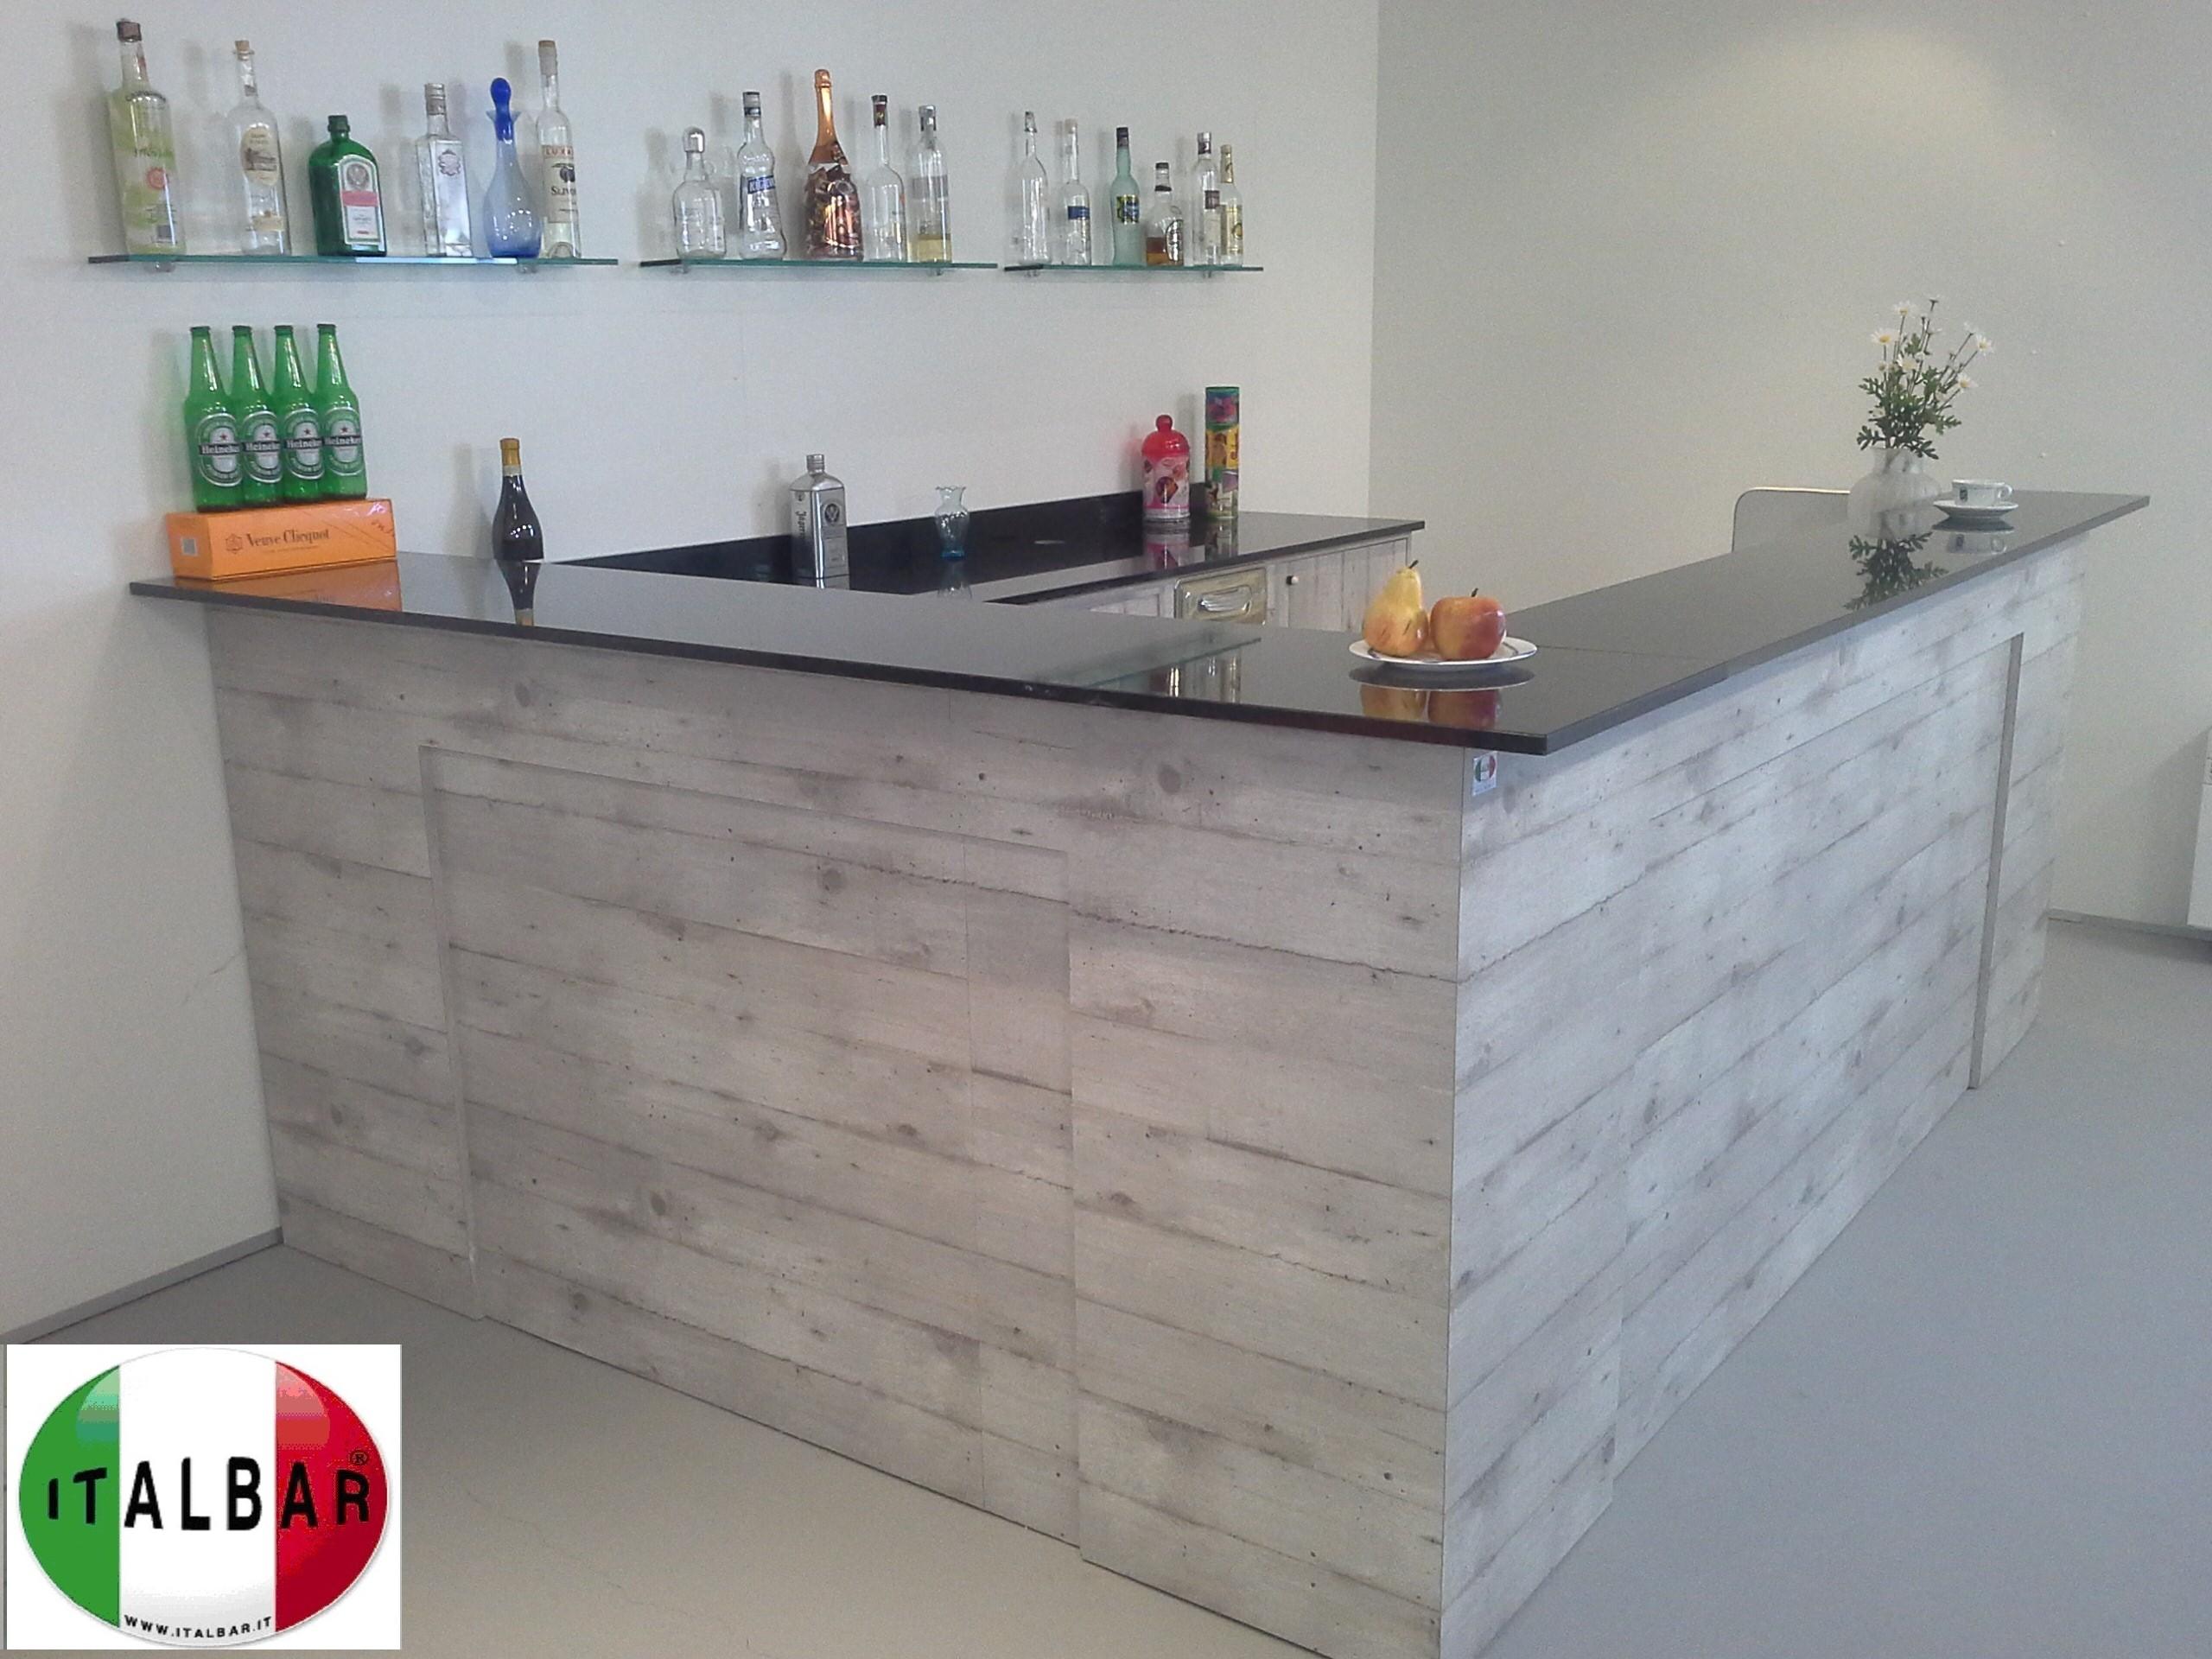 Bancone Bar Da Casa Idee Per La Casa Douglasfalls Com